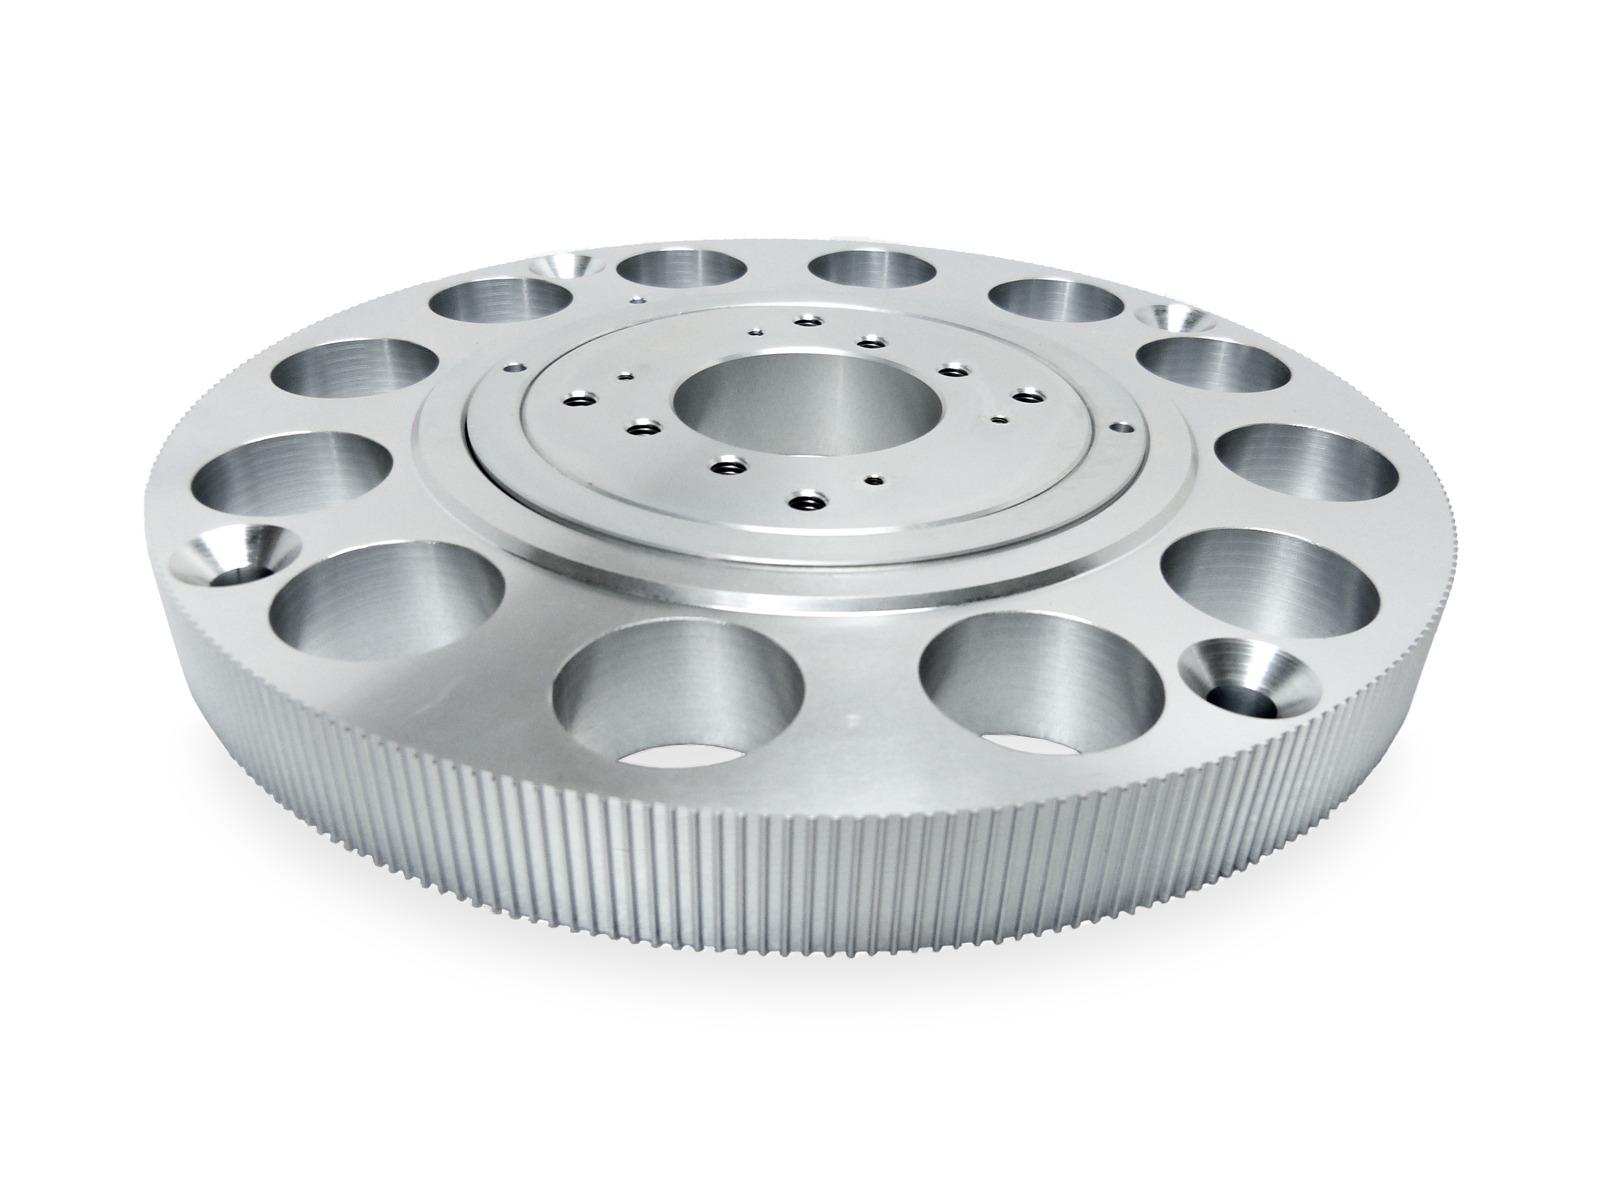 Il cuscinetto assemblato in alluminio dentato per cinghia AT3 permette la rotazione precisa di sistemi radar o di antenne